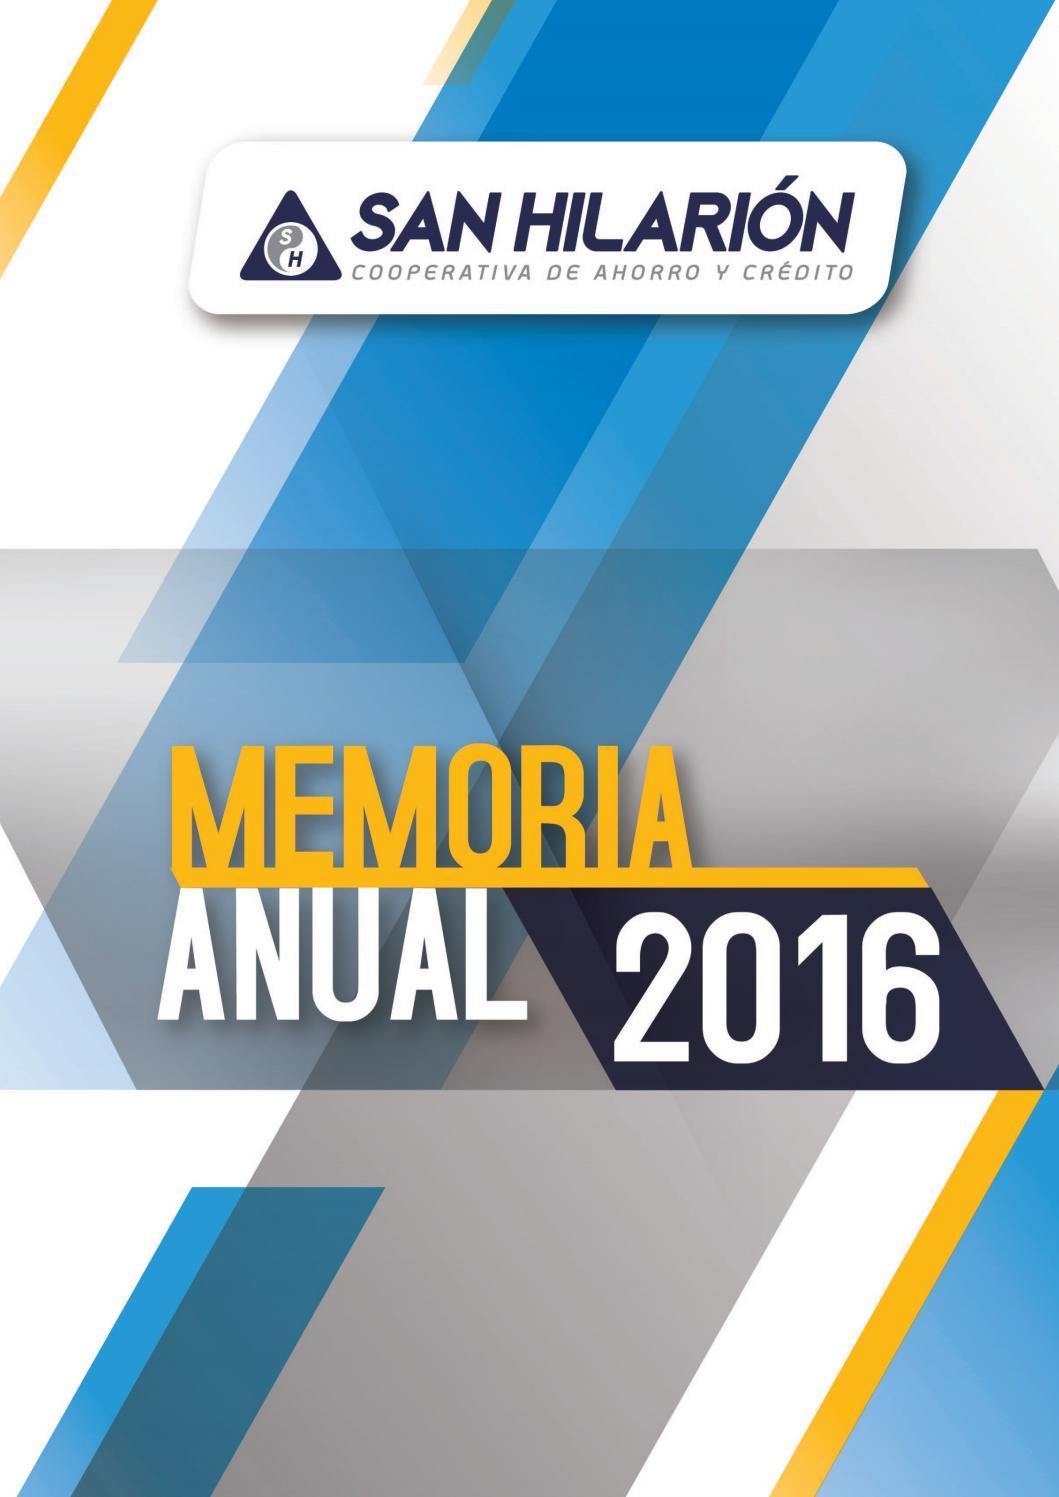 Memoria anual 2016 cooperativa san hilari n by cooperativa for Memoria anual